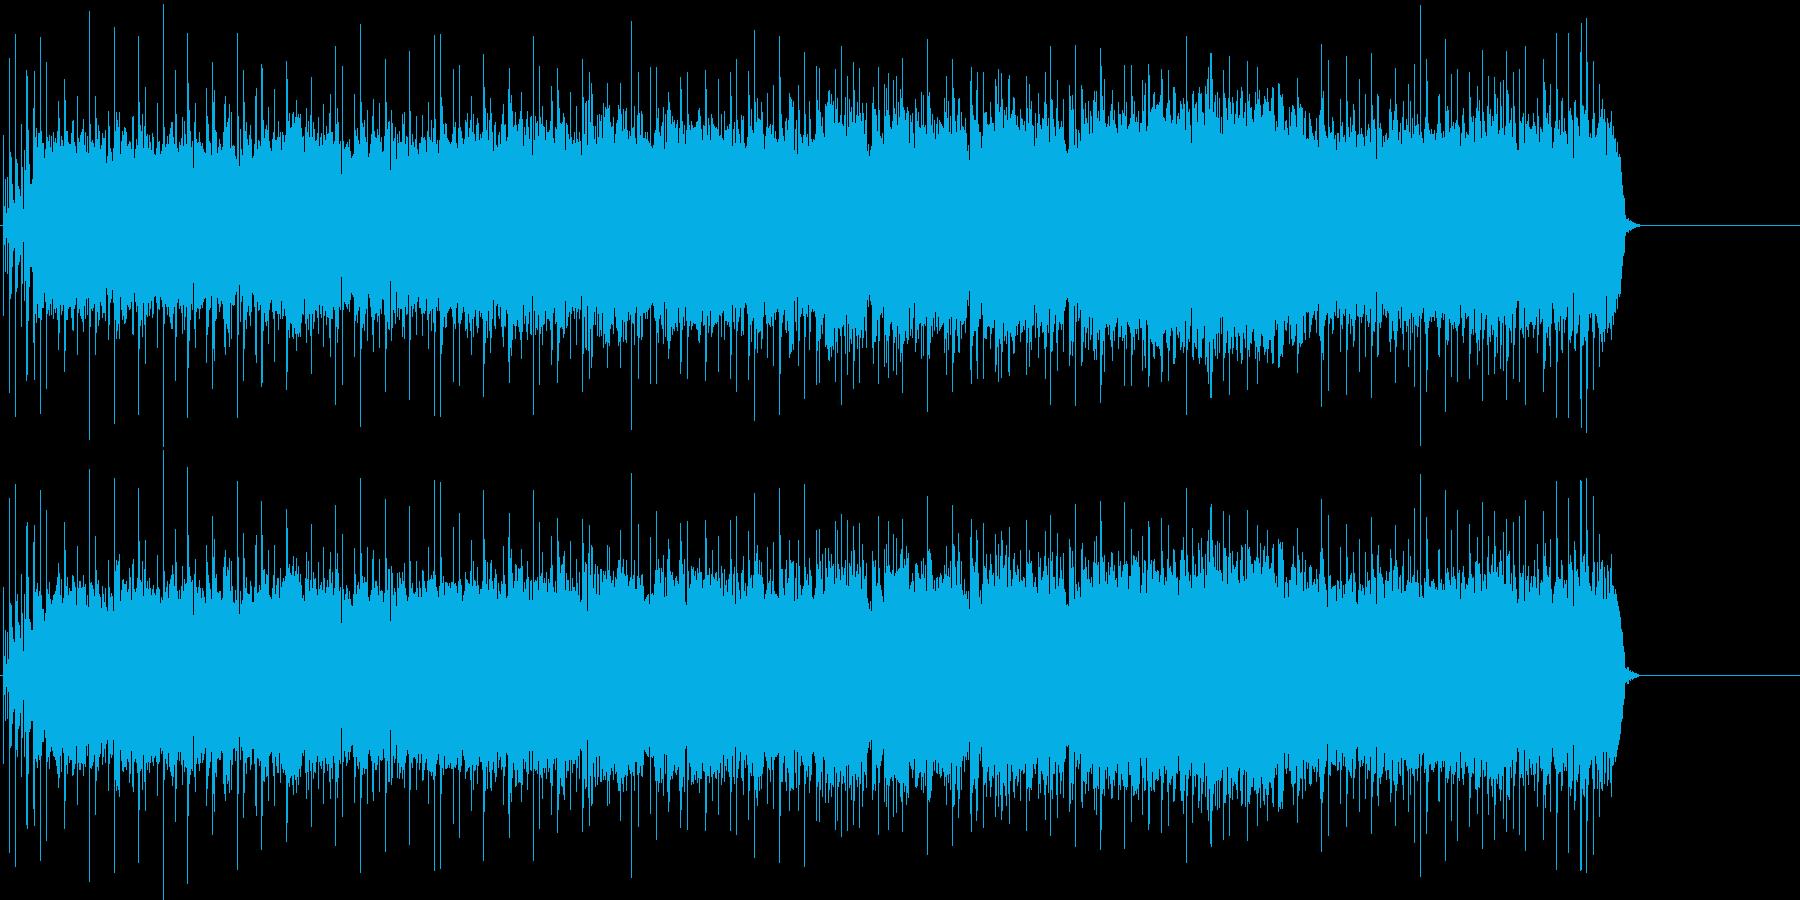 タイトなリフのマイナー・ロック/ハードの再生済みの波形